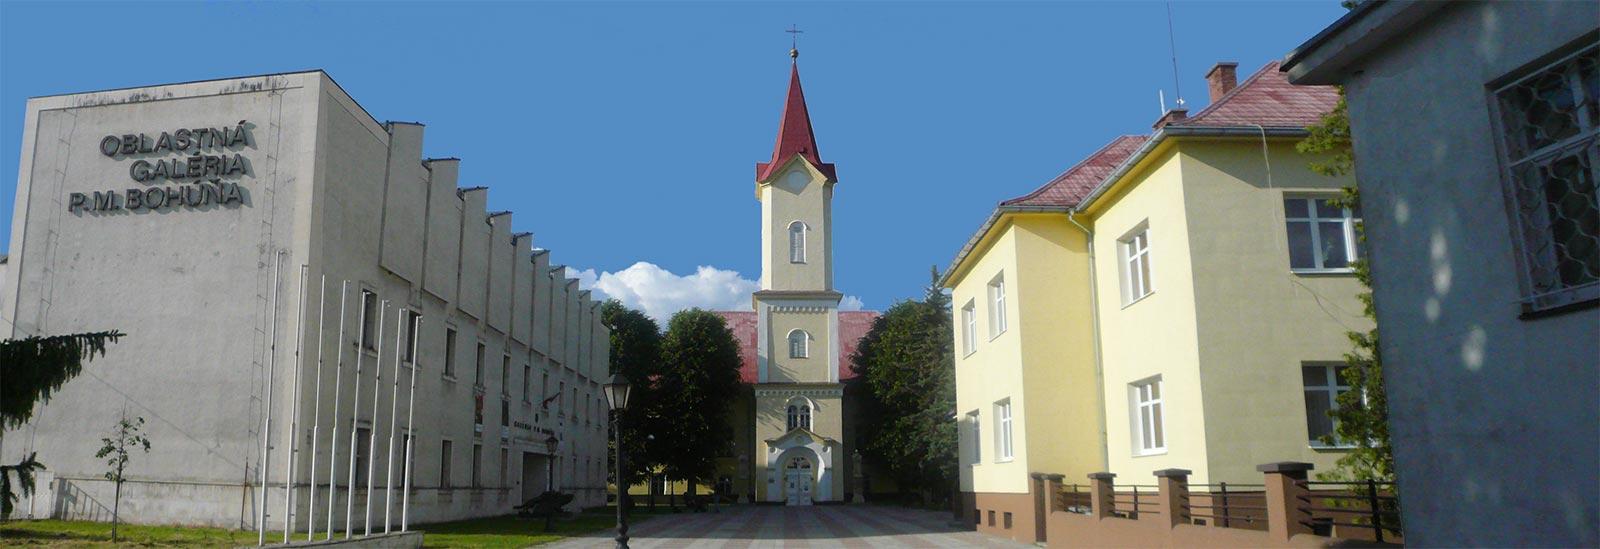 Hlavný kostol a fara